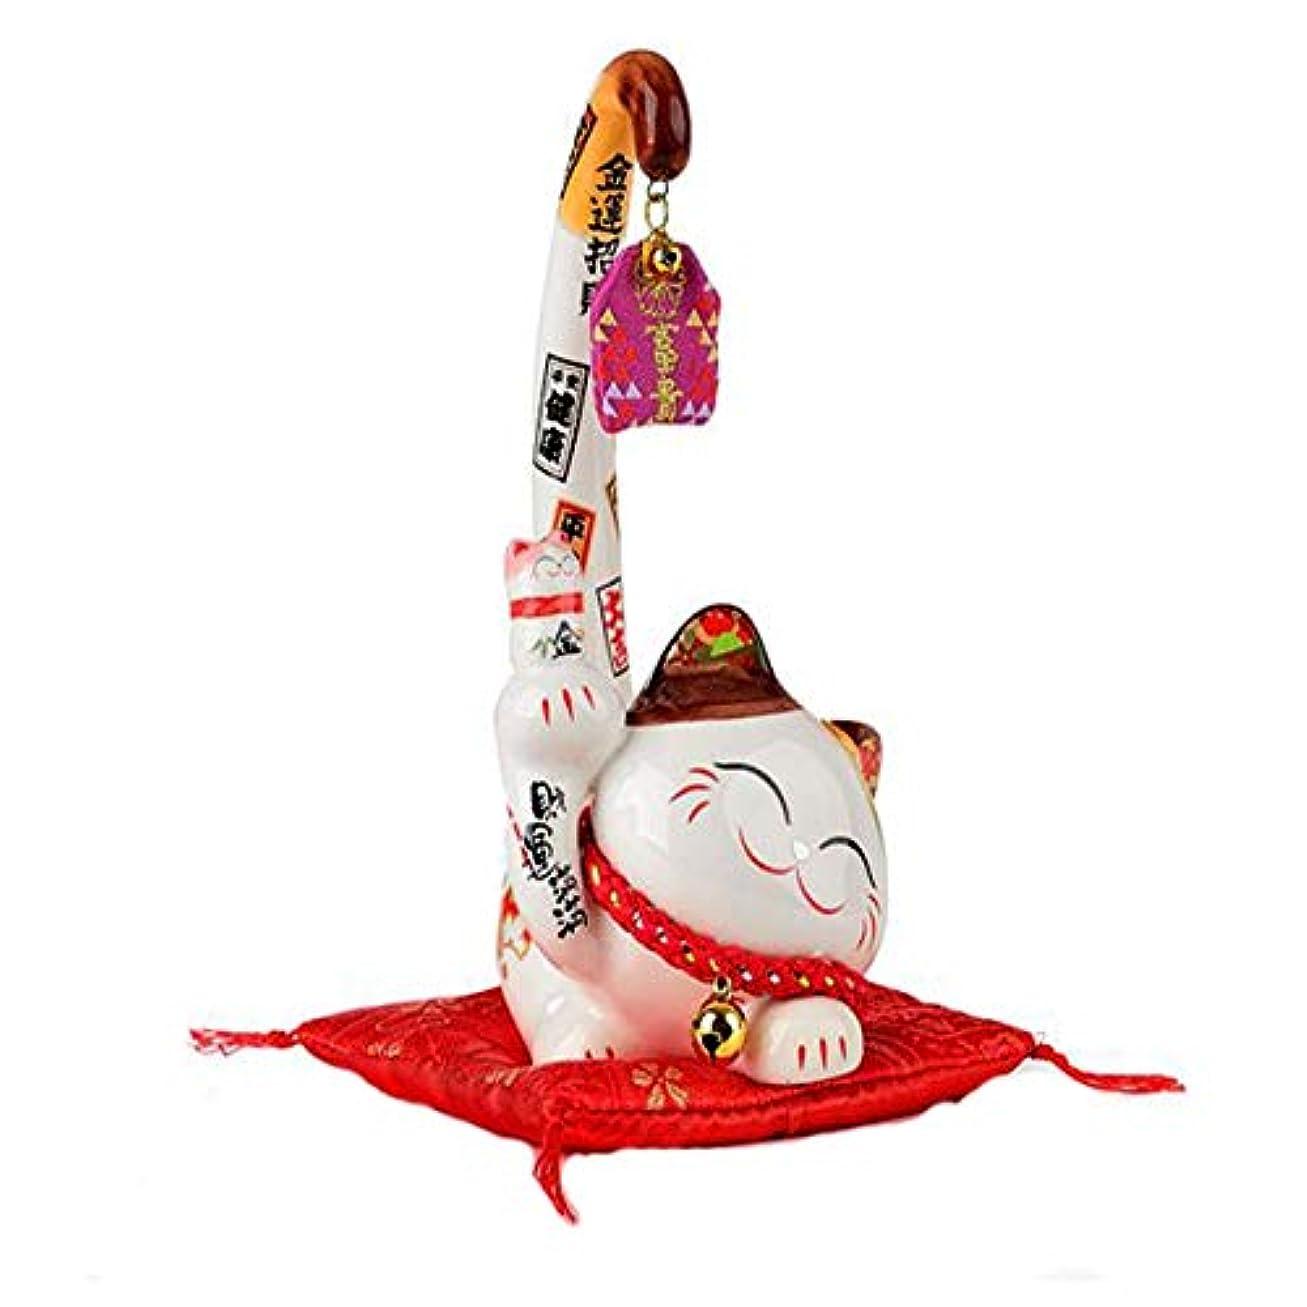 効能歩く恥ずかしいChengjinxiang ラッキーキャットミニクリエイティブギフトオフィスの装飾品ロングテールキャット,クリエイティブギフト (Size : L)